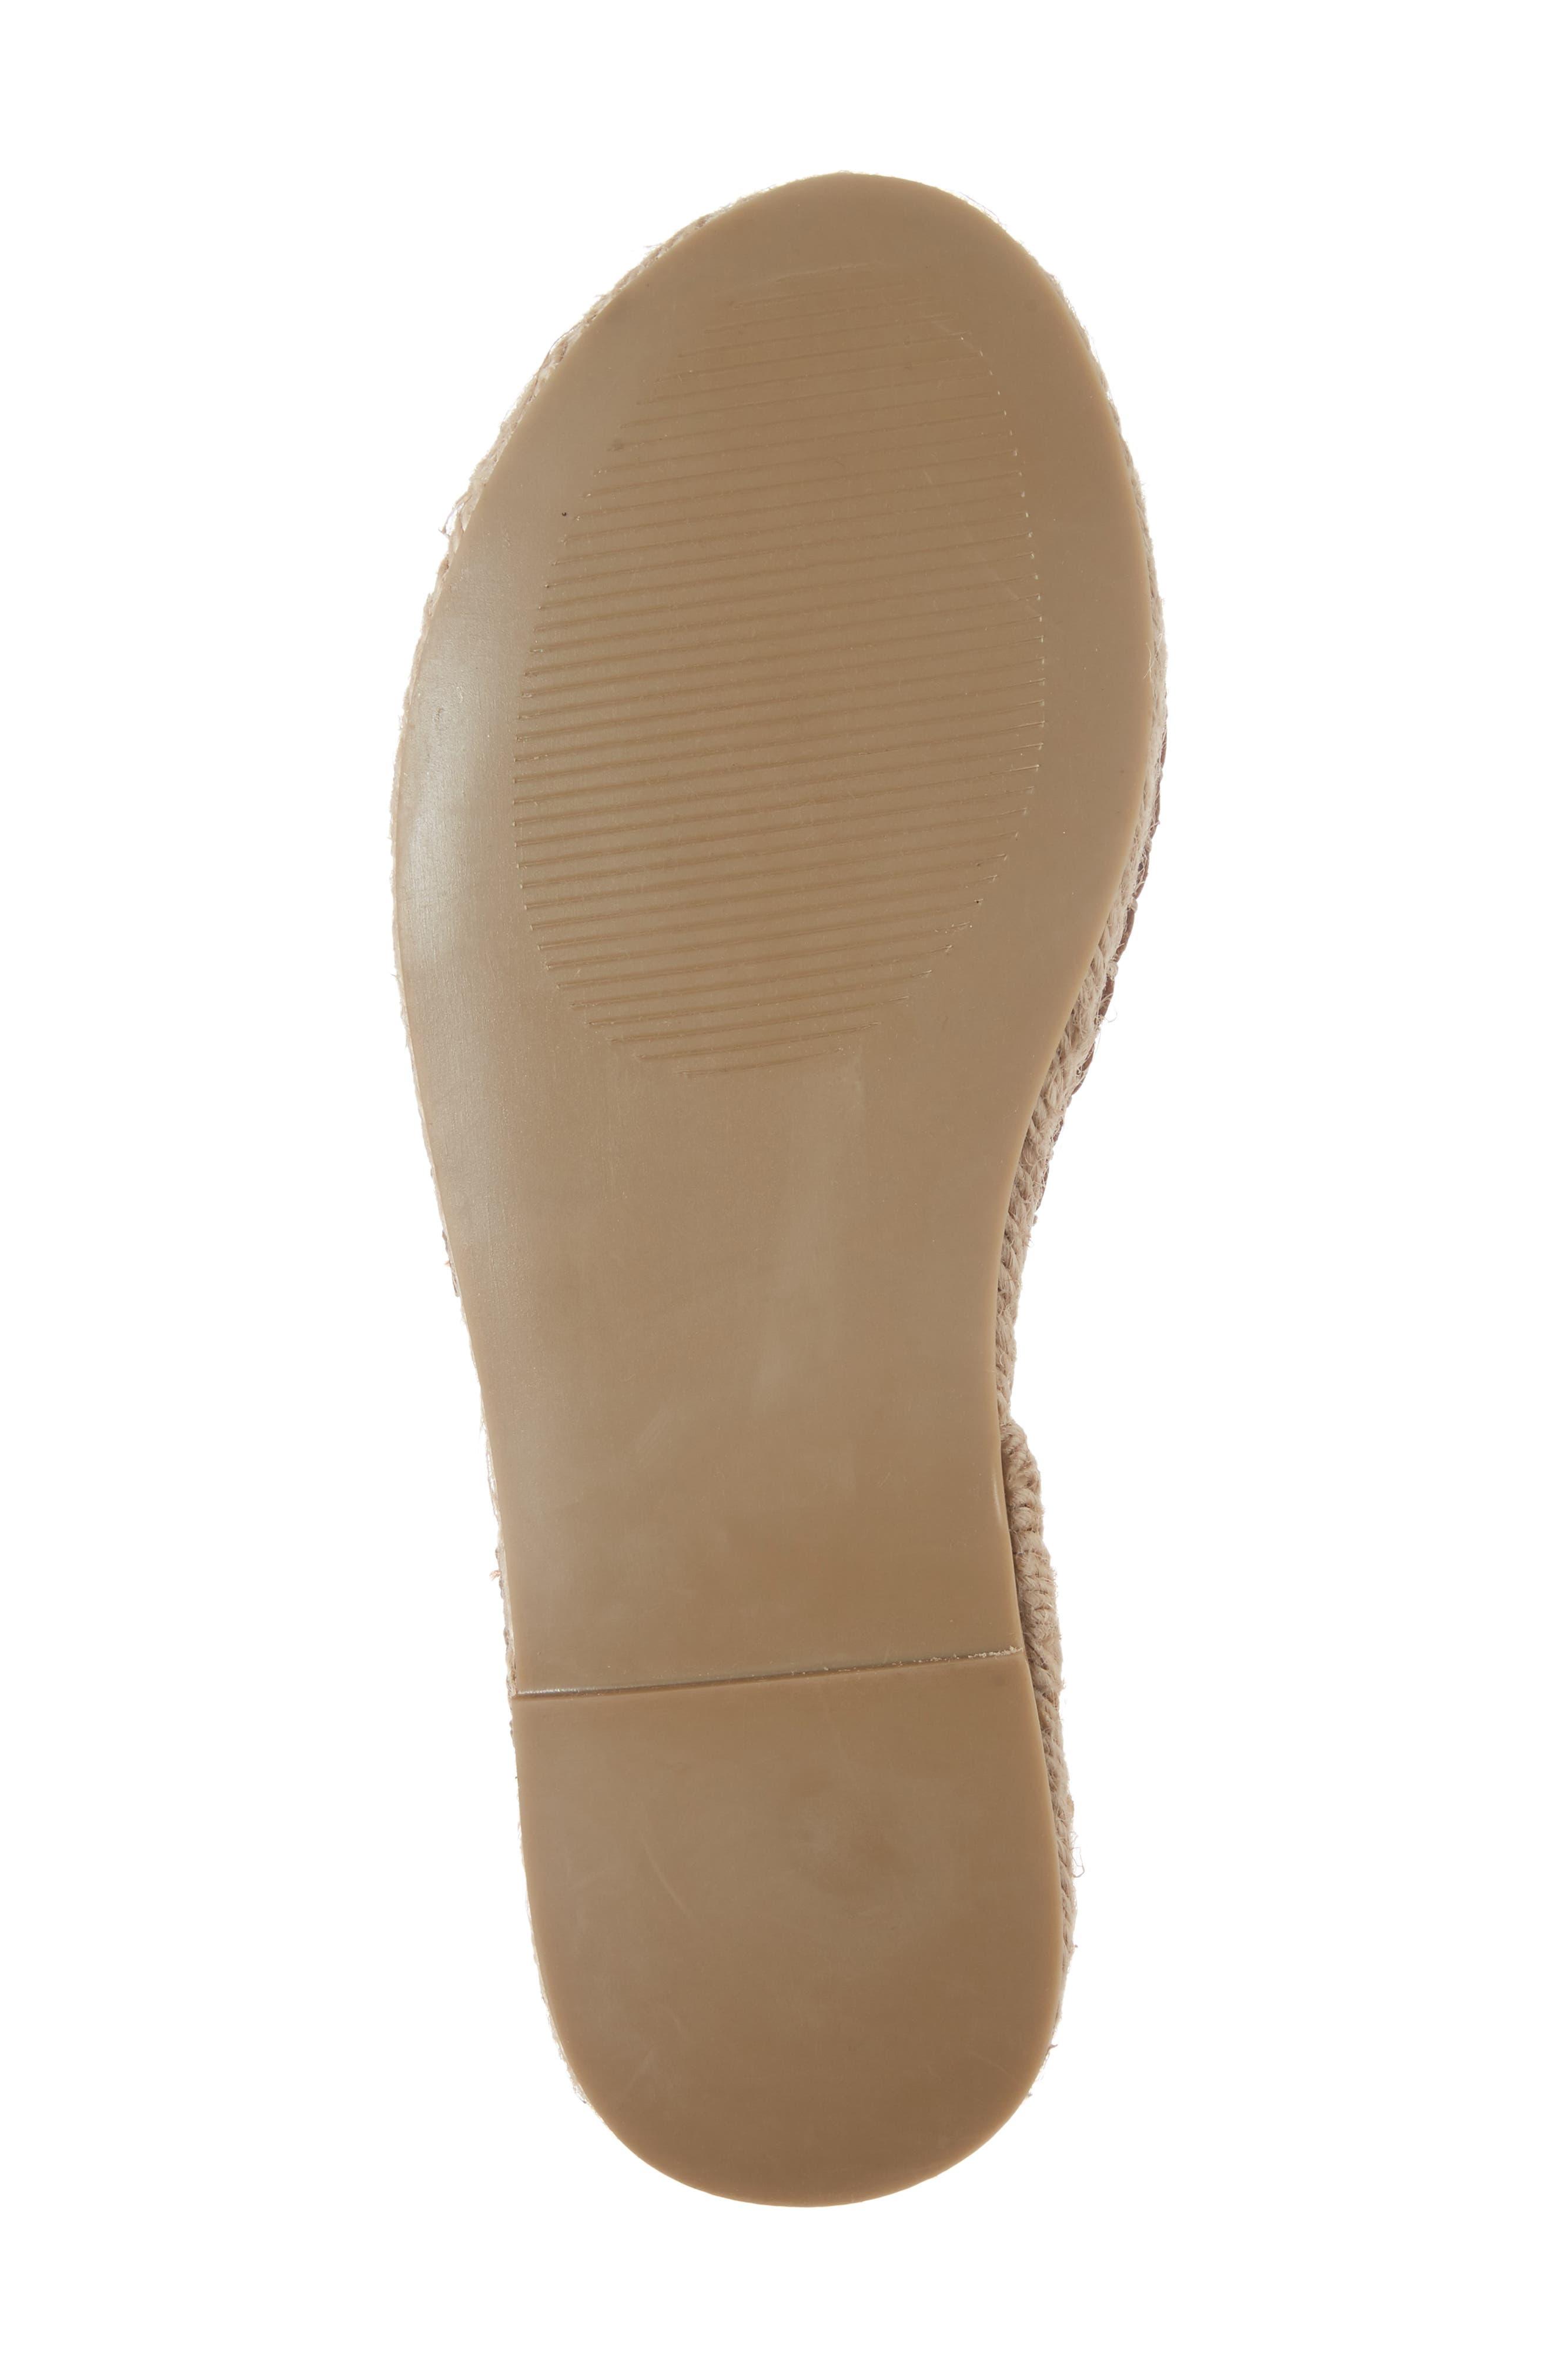 Clover Ankle Wrap Espadrille Sandal,                             Alternate thumbnail 6, color,                             Cognac Leather